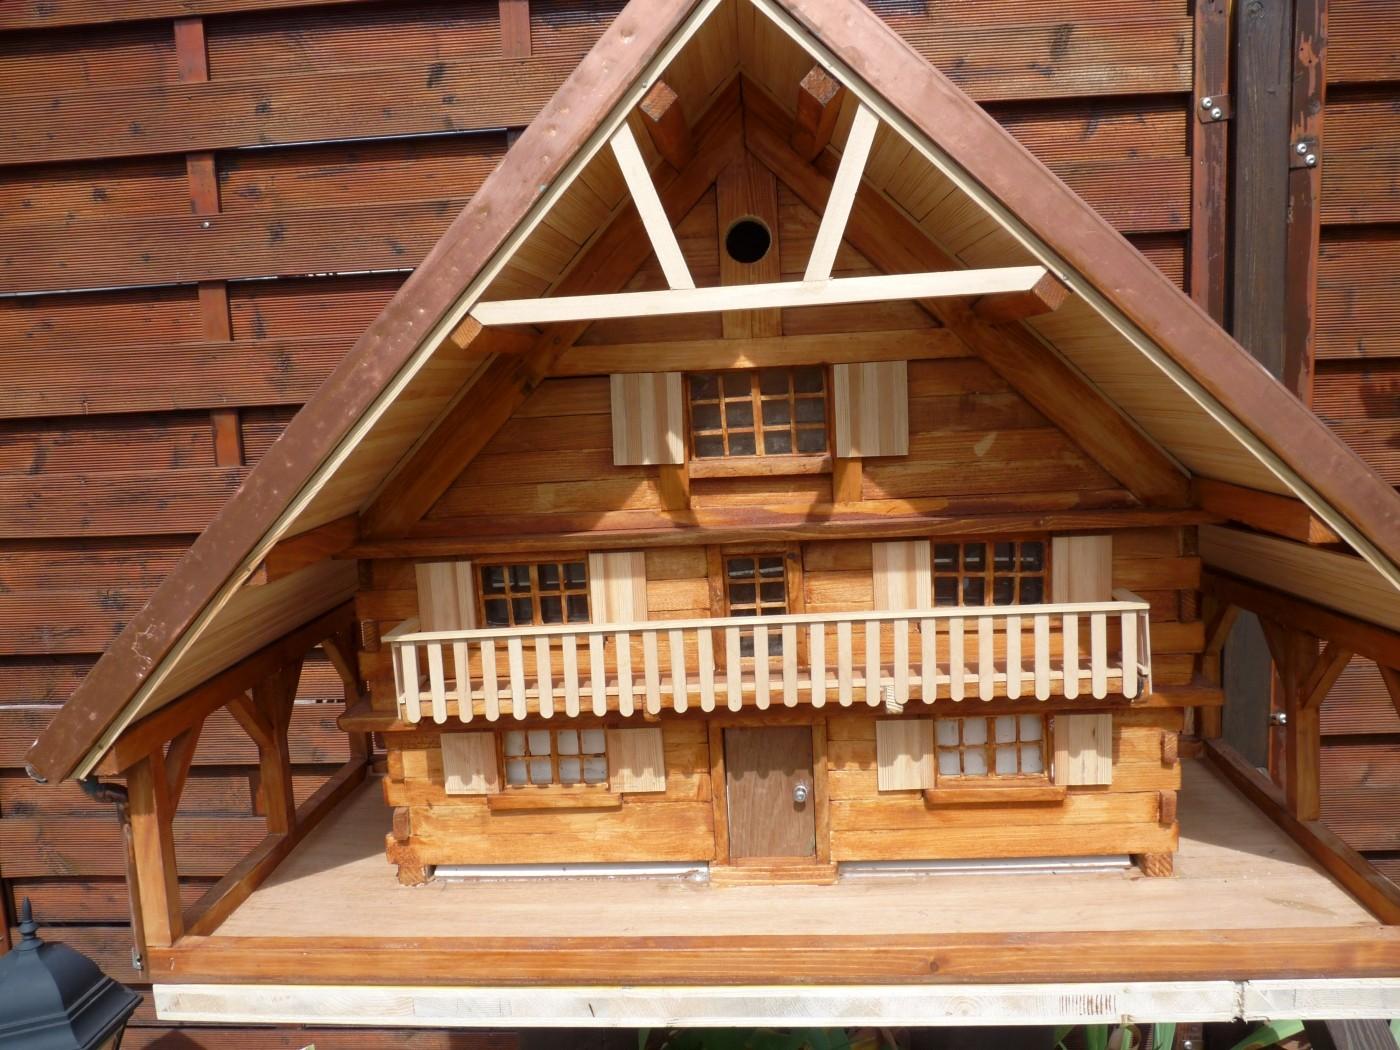 m lange essentiel pour oiseaux du ciel. Black Bedroom Furniture Sets. Home Design Ideas